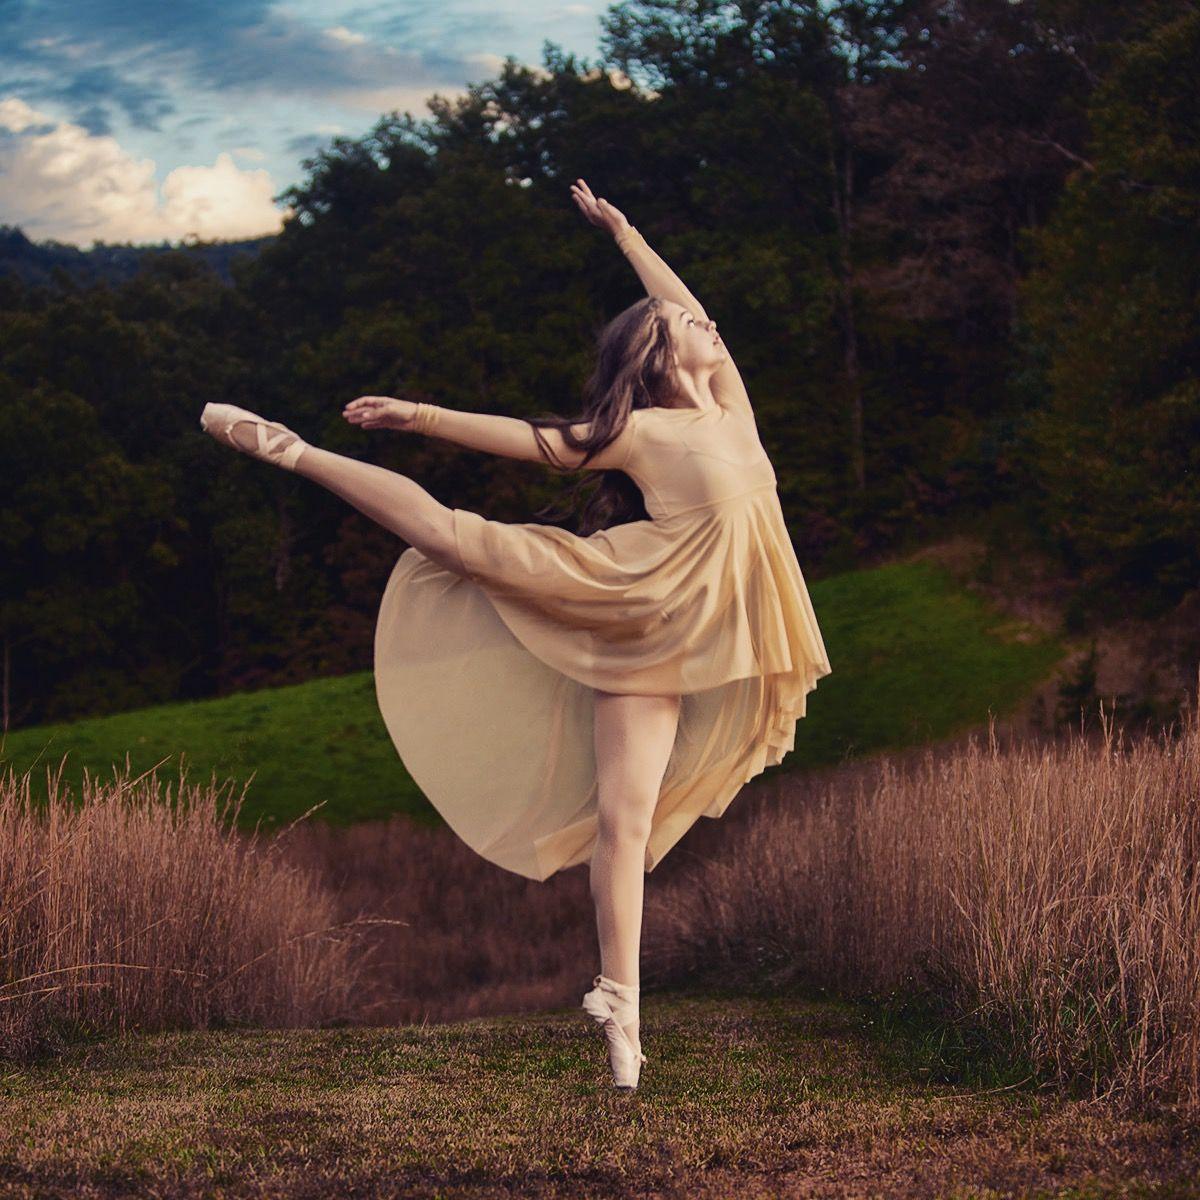 Field dancer dance photo shoot dance photography